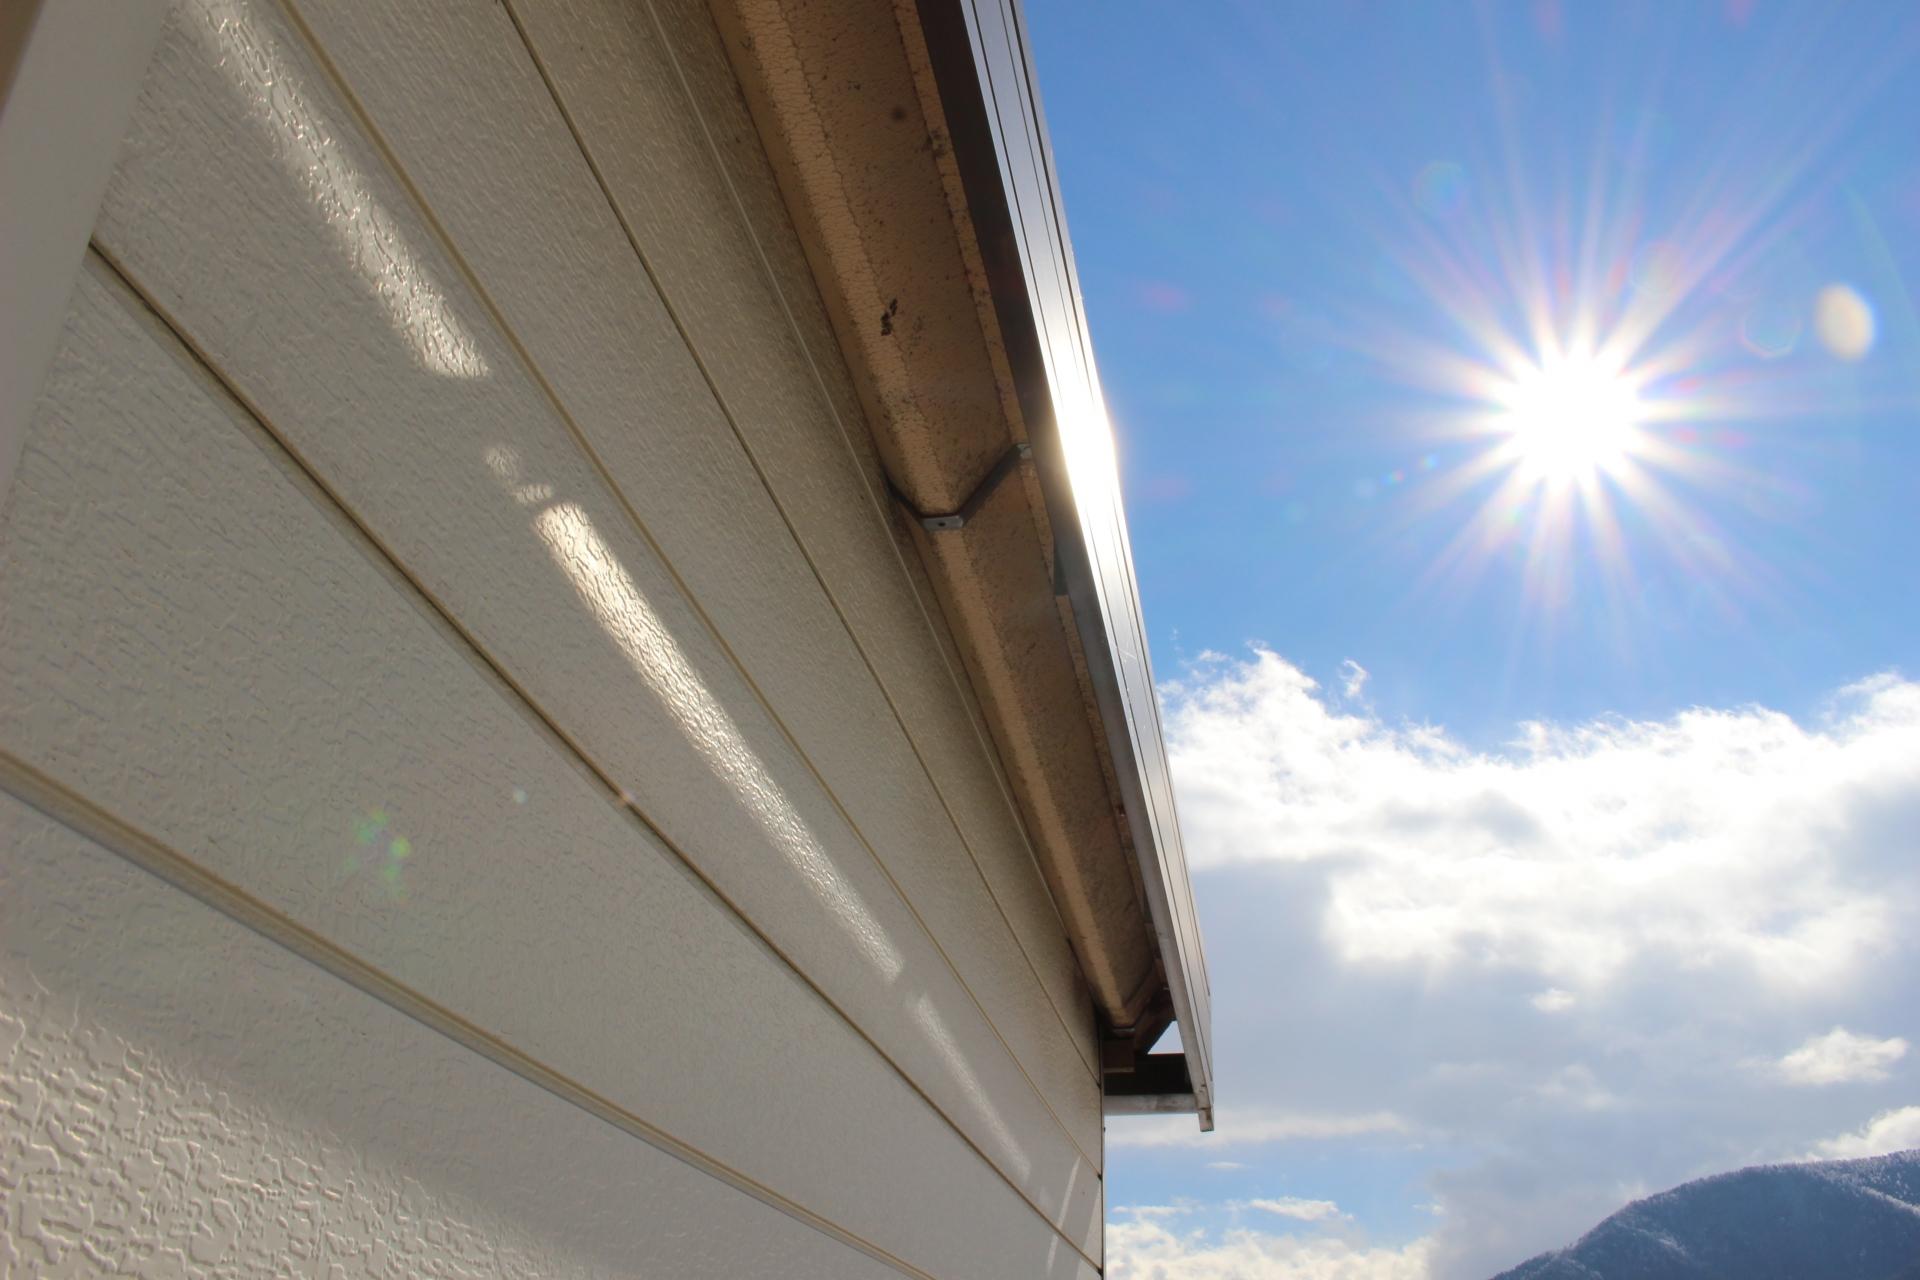 戸建の断熱に予算をかけるメリットとコスト削減できる理由